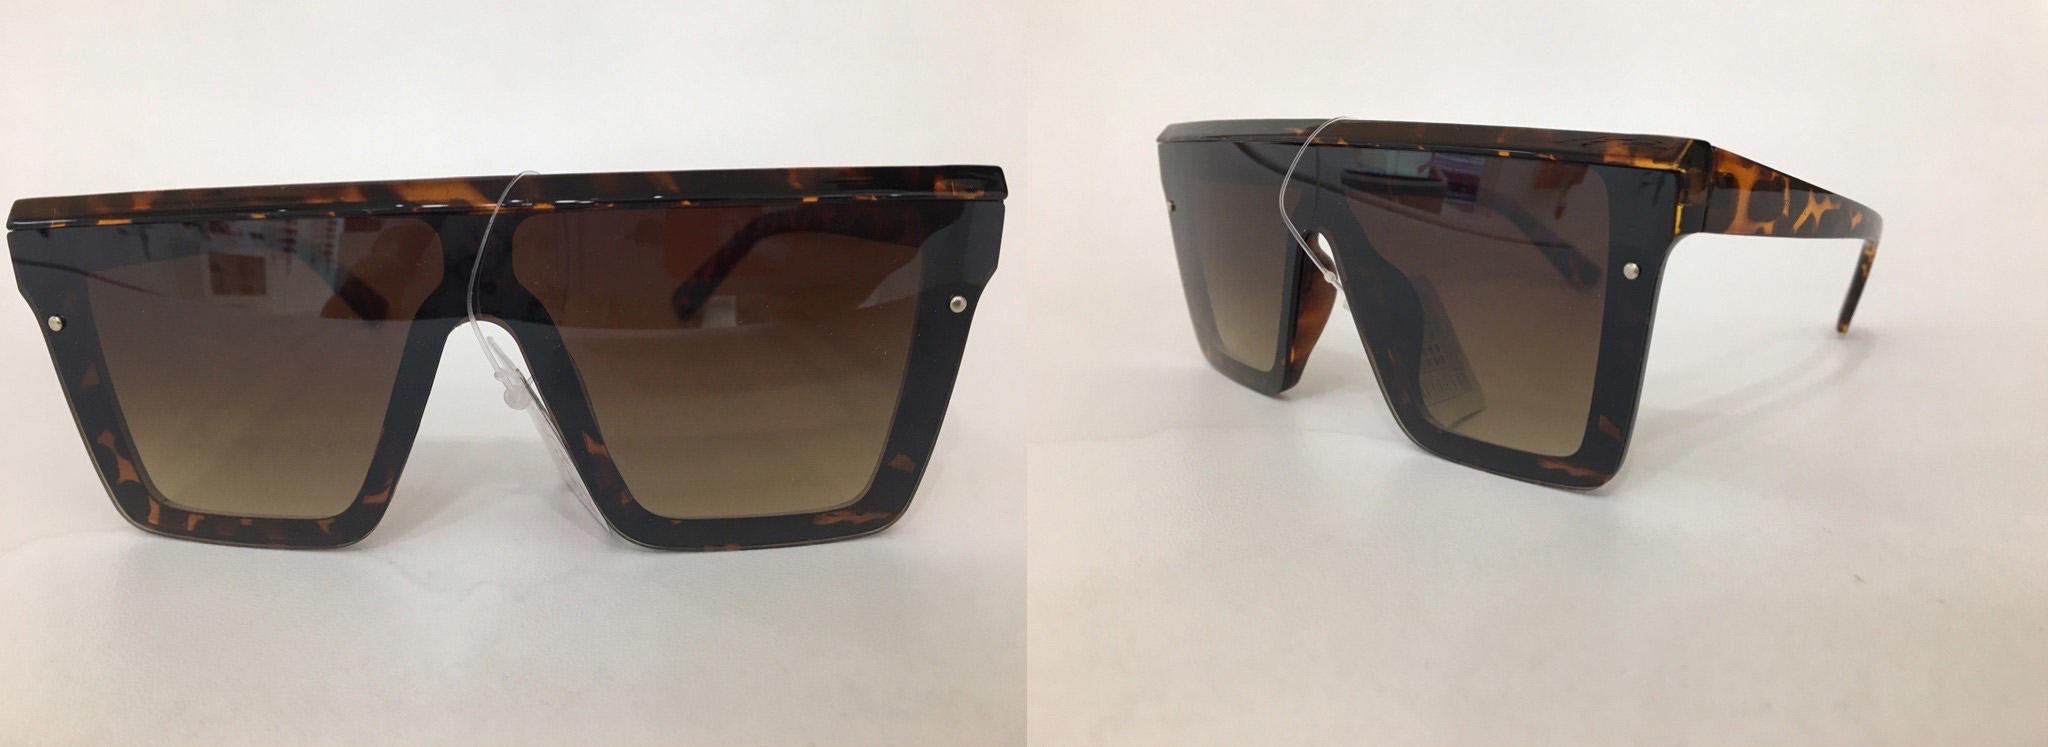 Sunglasses Mens frames